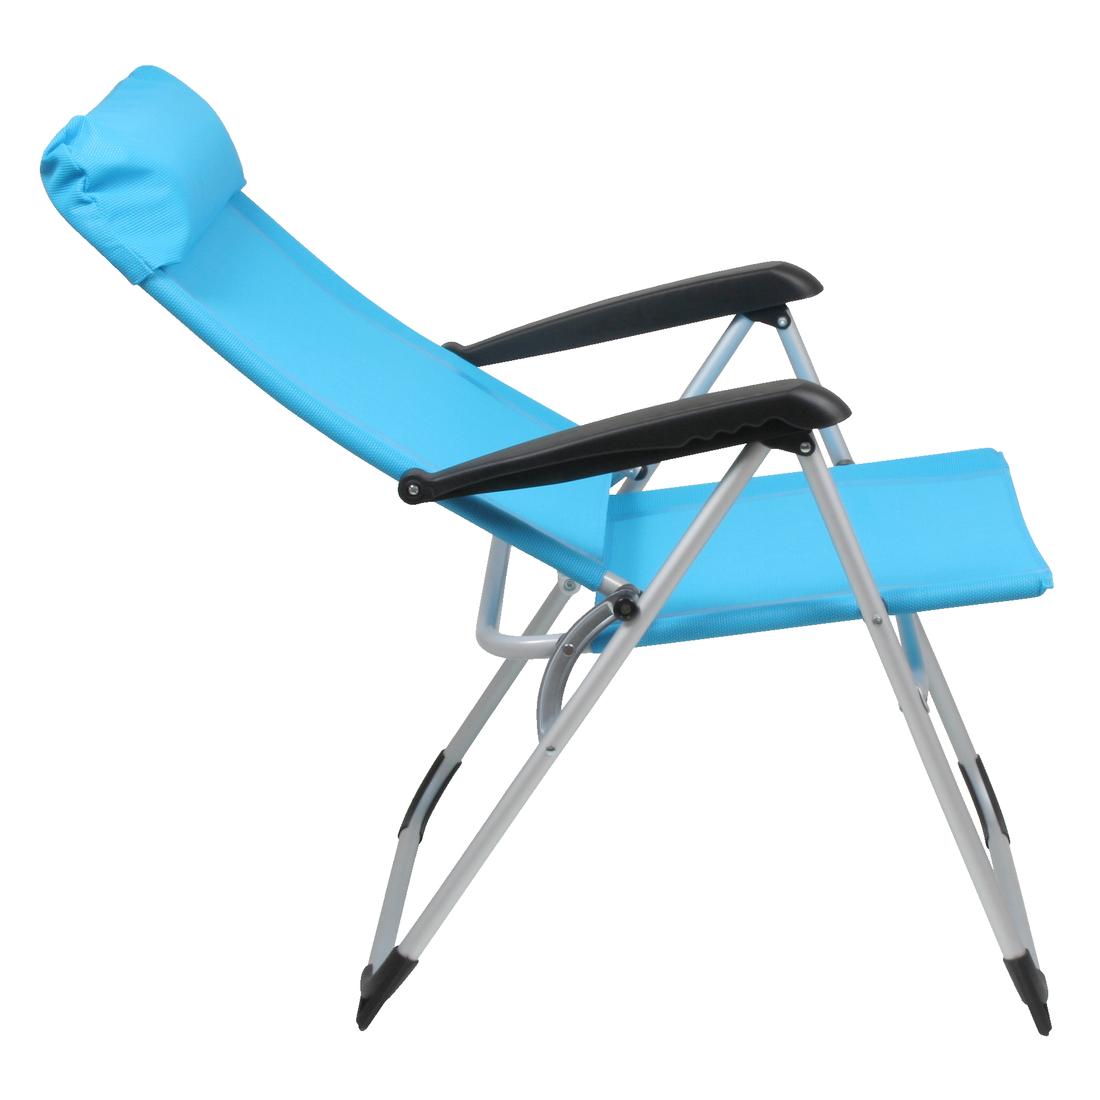 10t camperchair si ge de camping en alu rembourrage de l appui t te d montable pliant. Black Bedroom Furniture Sets. Home Design Ideas